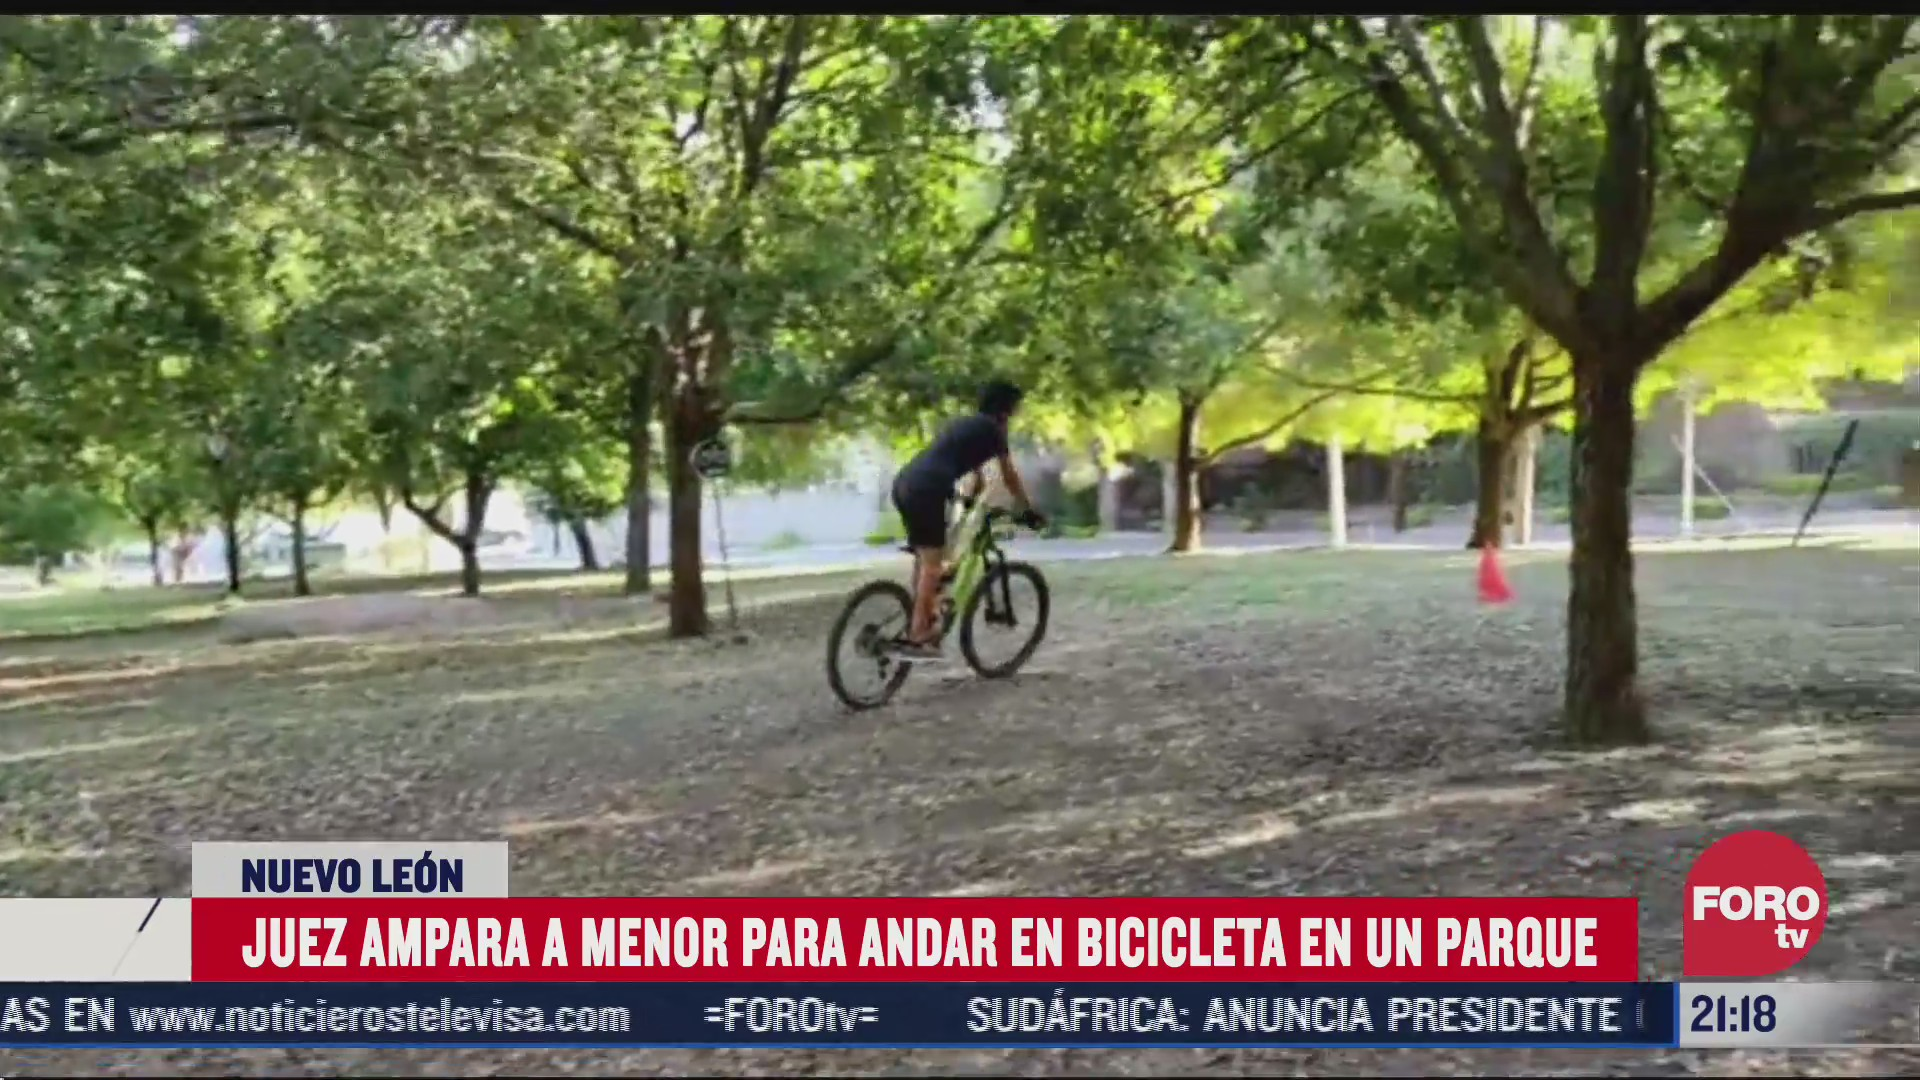 Niño gana amparo para andar en bicicleta en parque de Nuevo León